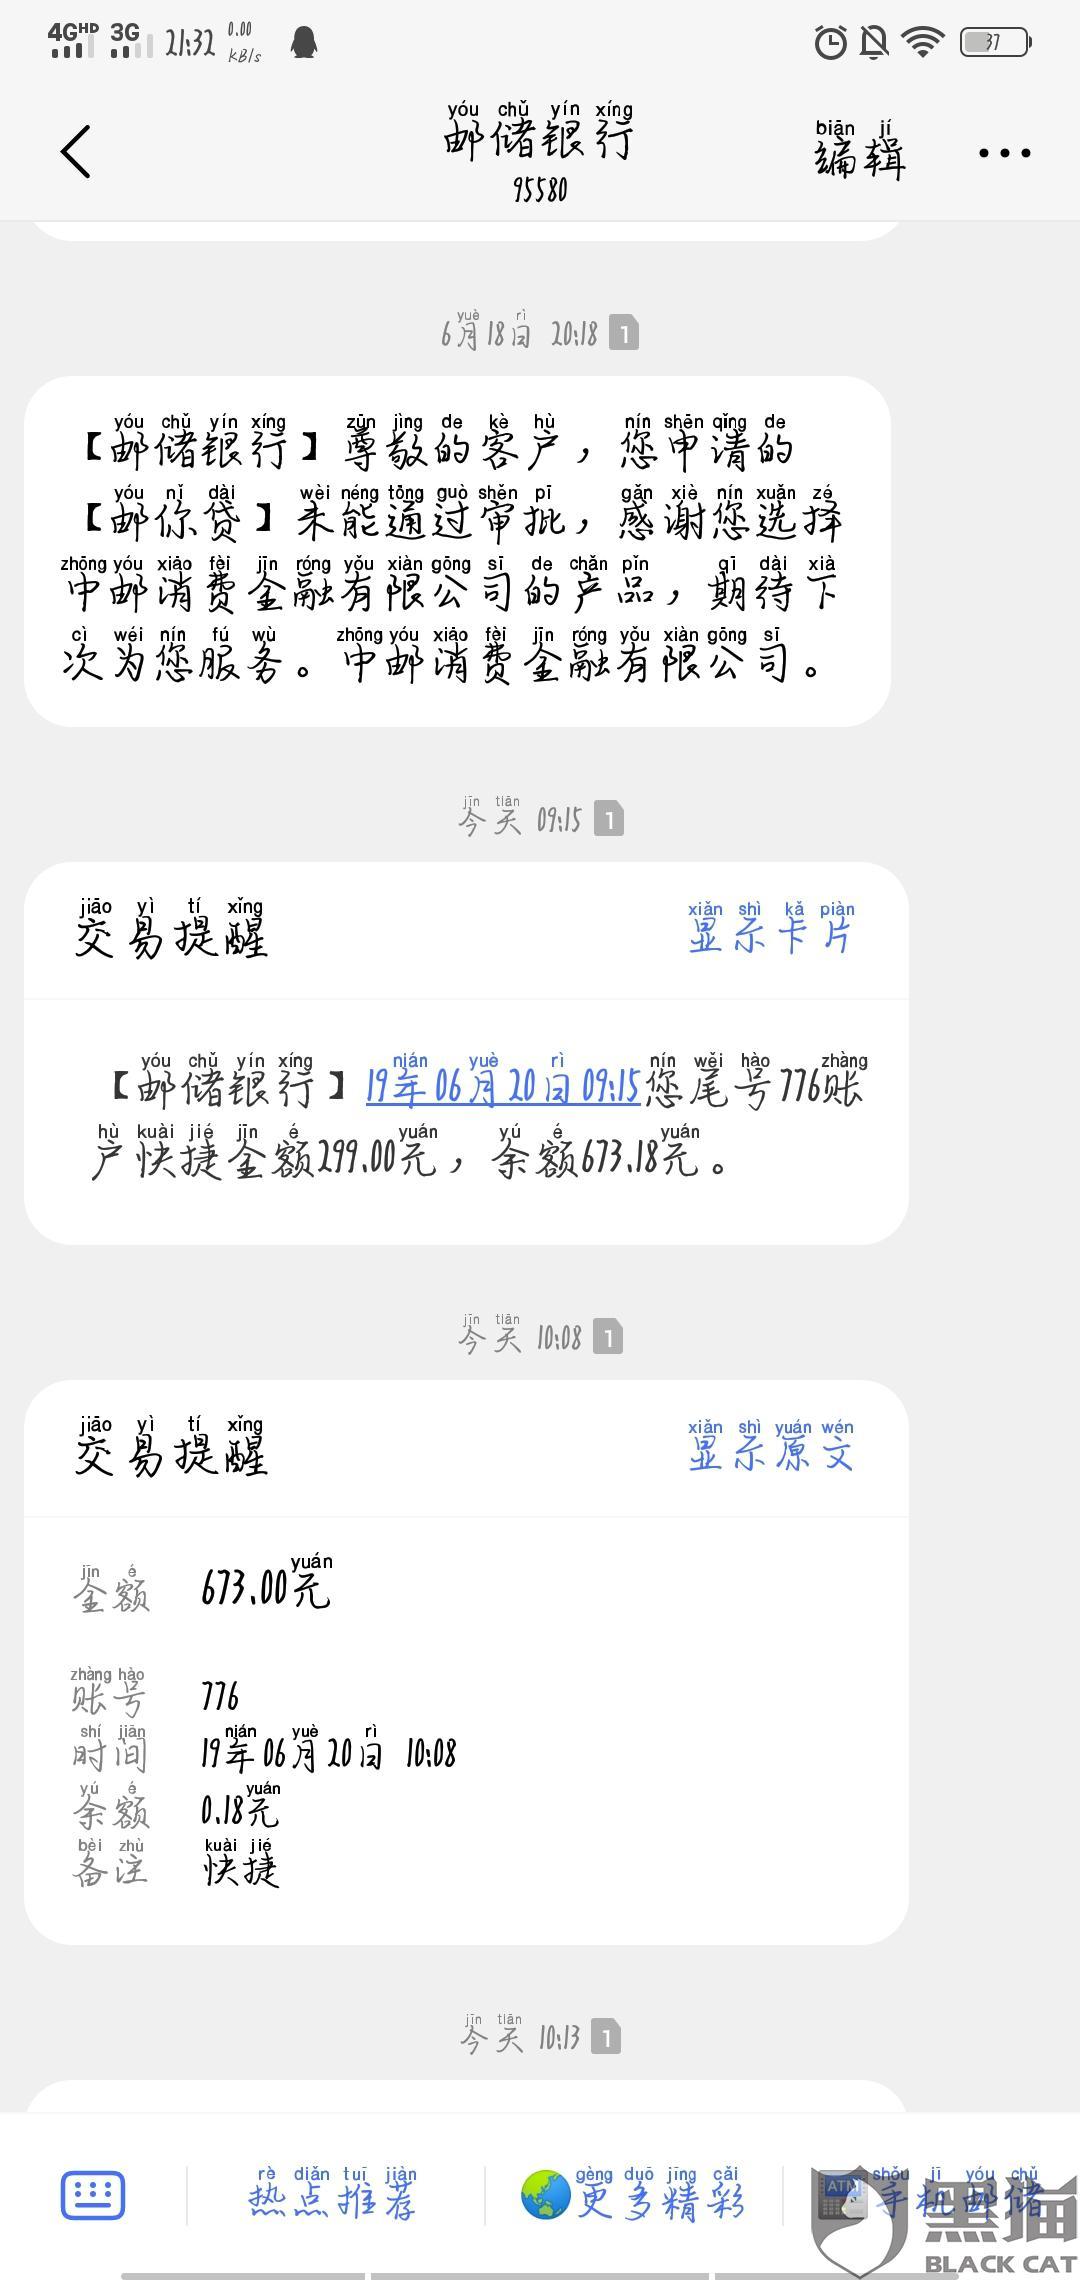 上海造业网络技术有限公司通过诈骗方式盗取银行卡钱财